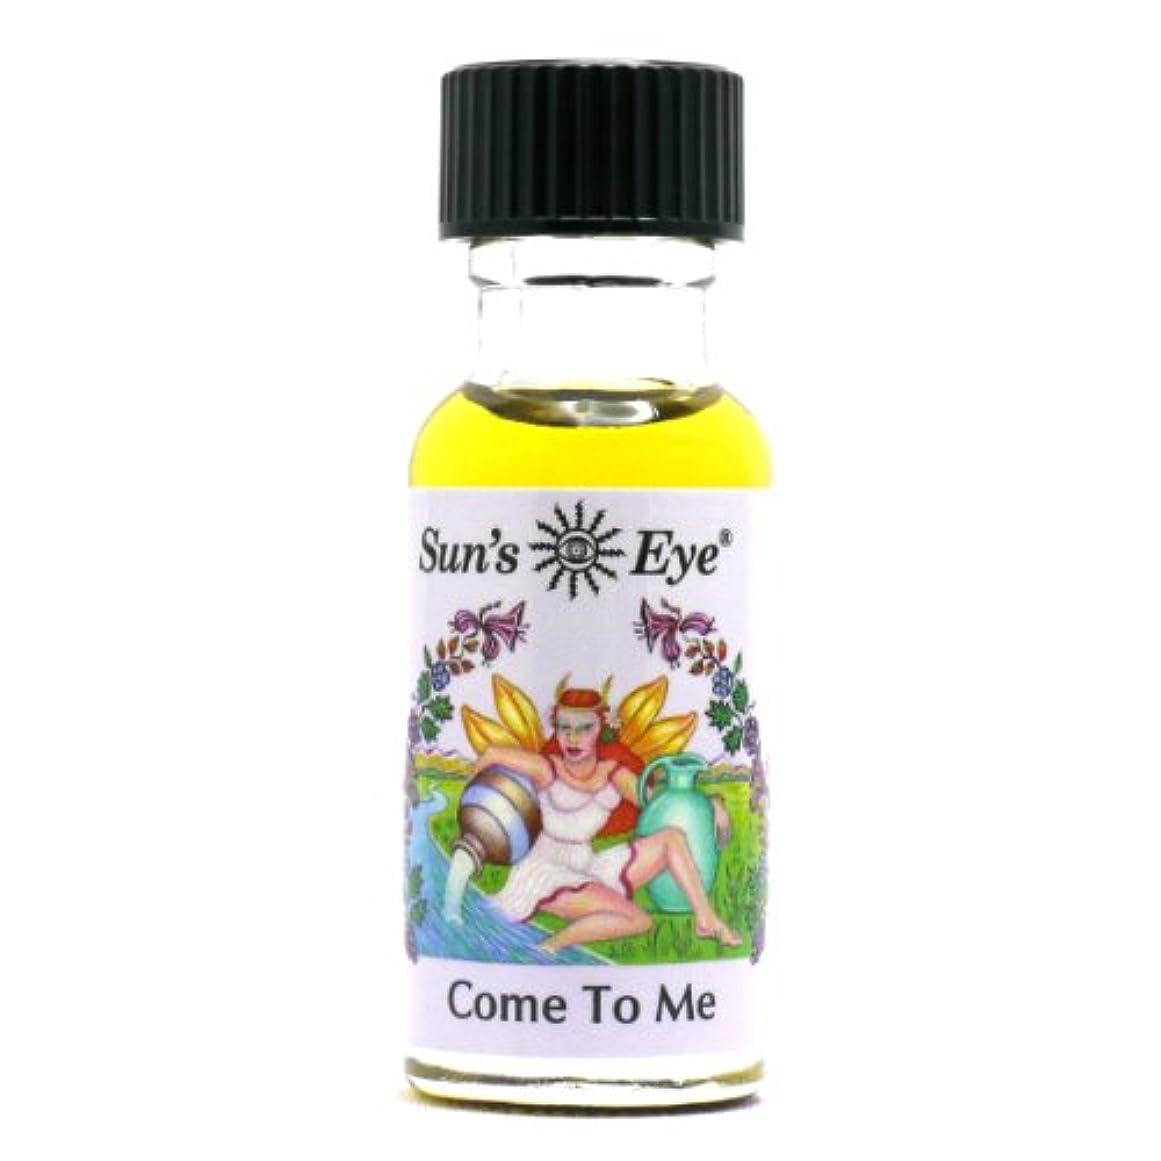 不正直鑑定はさみ【Sun'sEye サンズアイ】Mystic Blends(ミスティックブレンドオイル)Come to me(カムトゥミー)